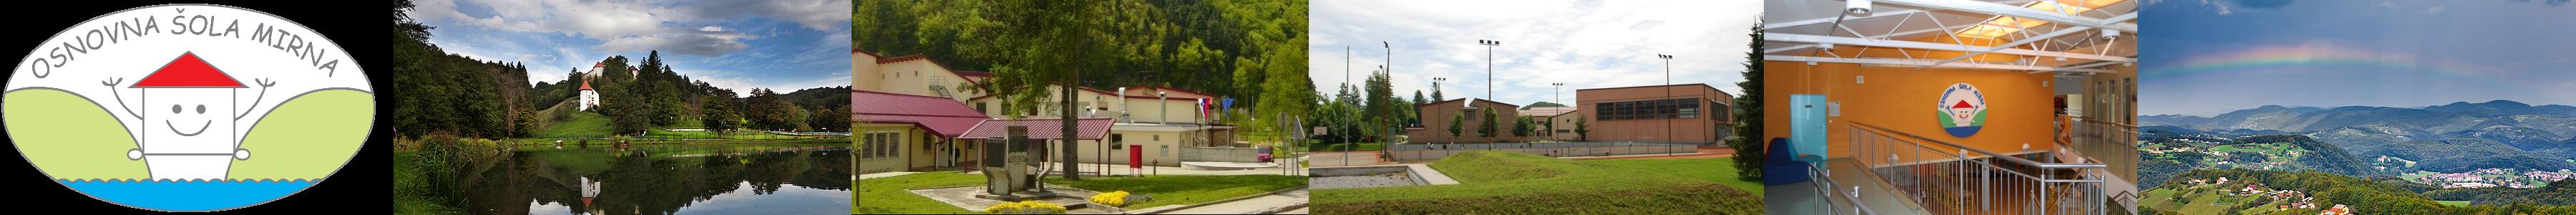 Osnovna šola Mirna